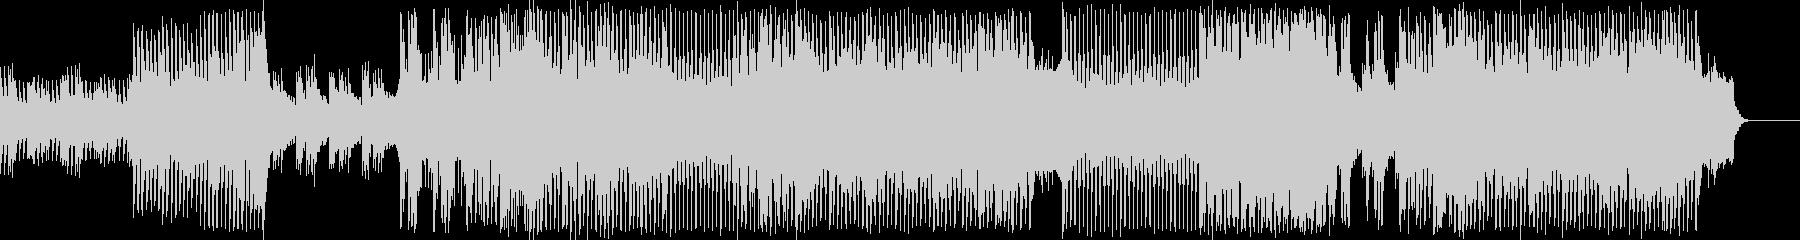 ピアノメインのドラマテックなEDMの未再生の波形